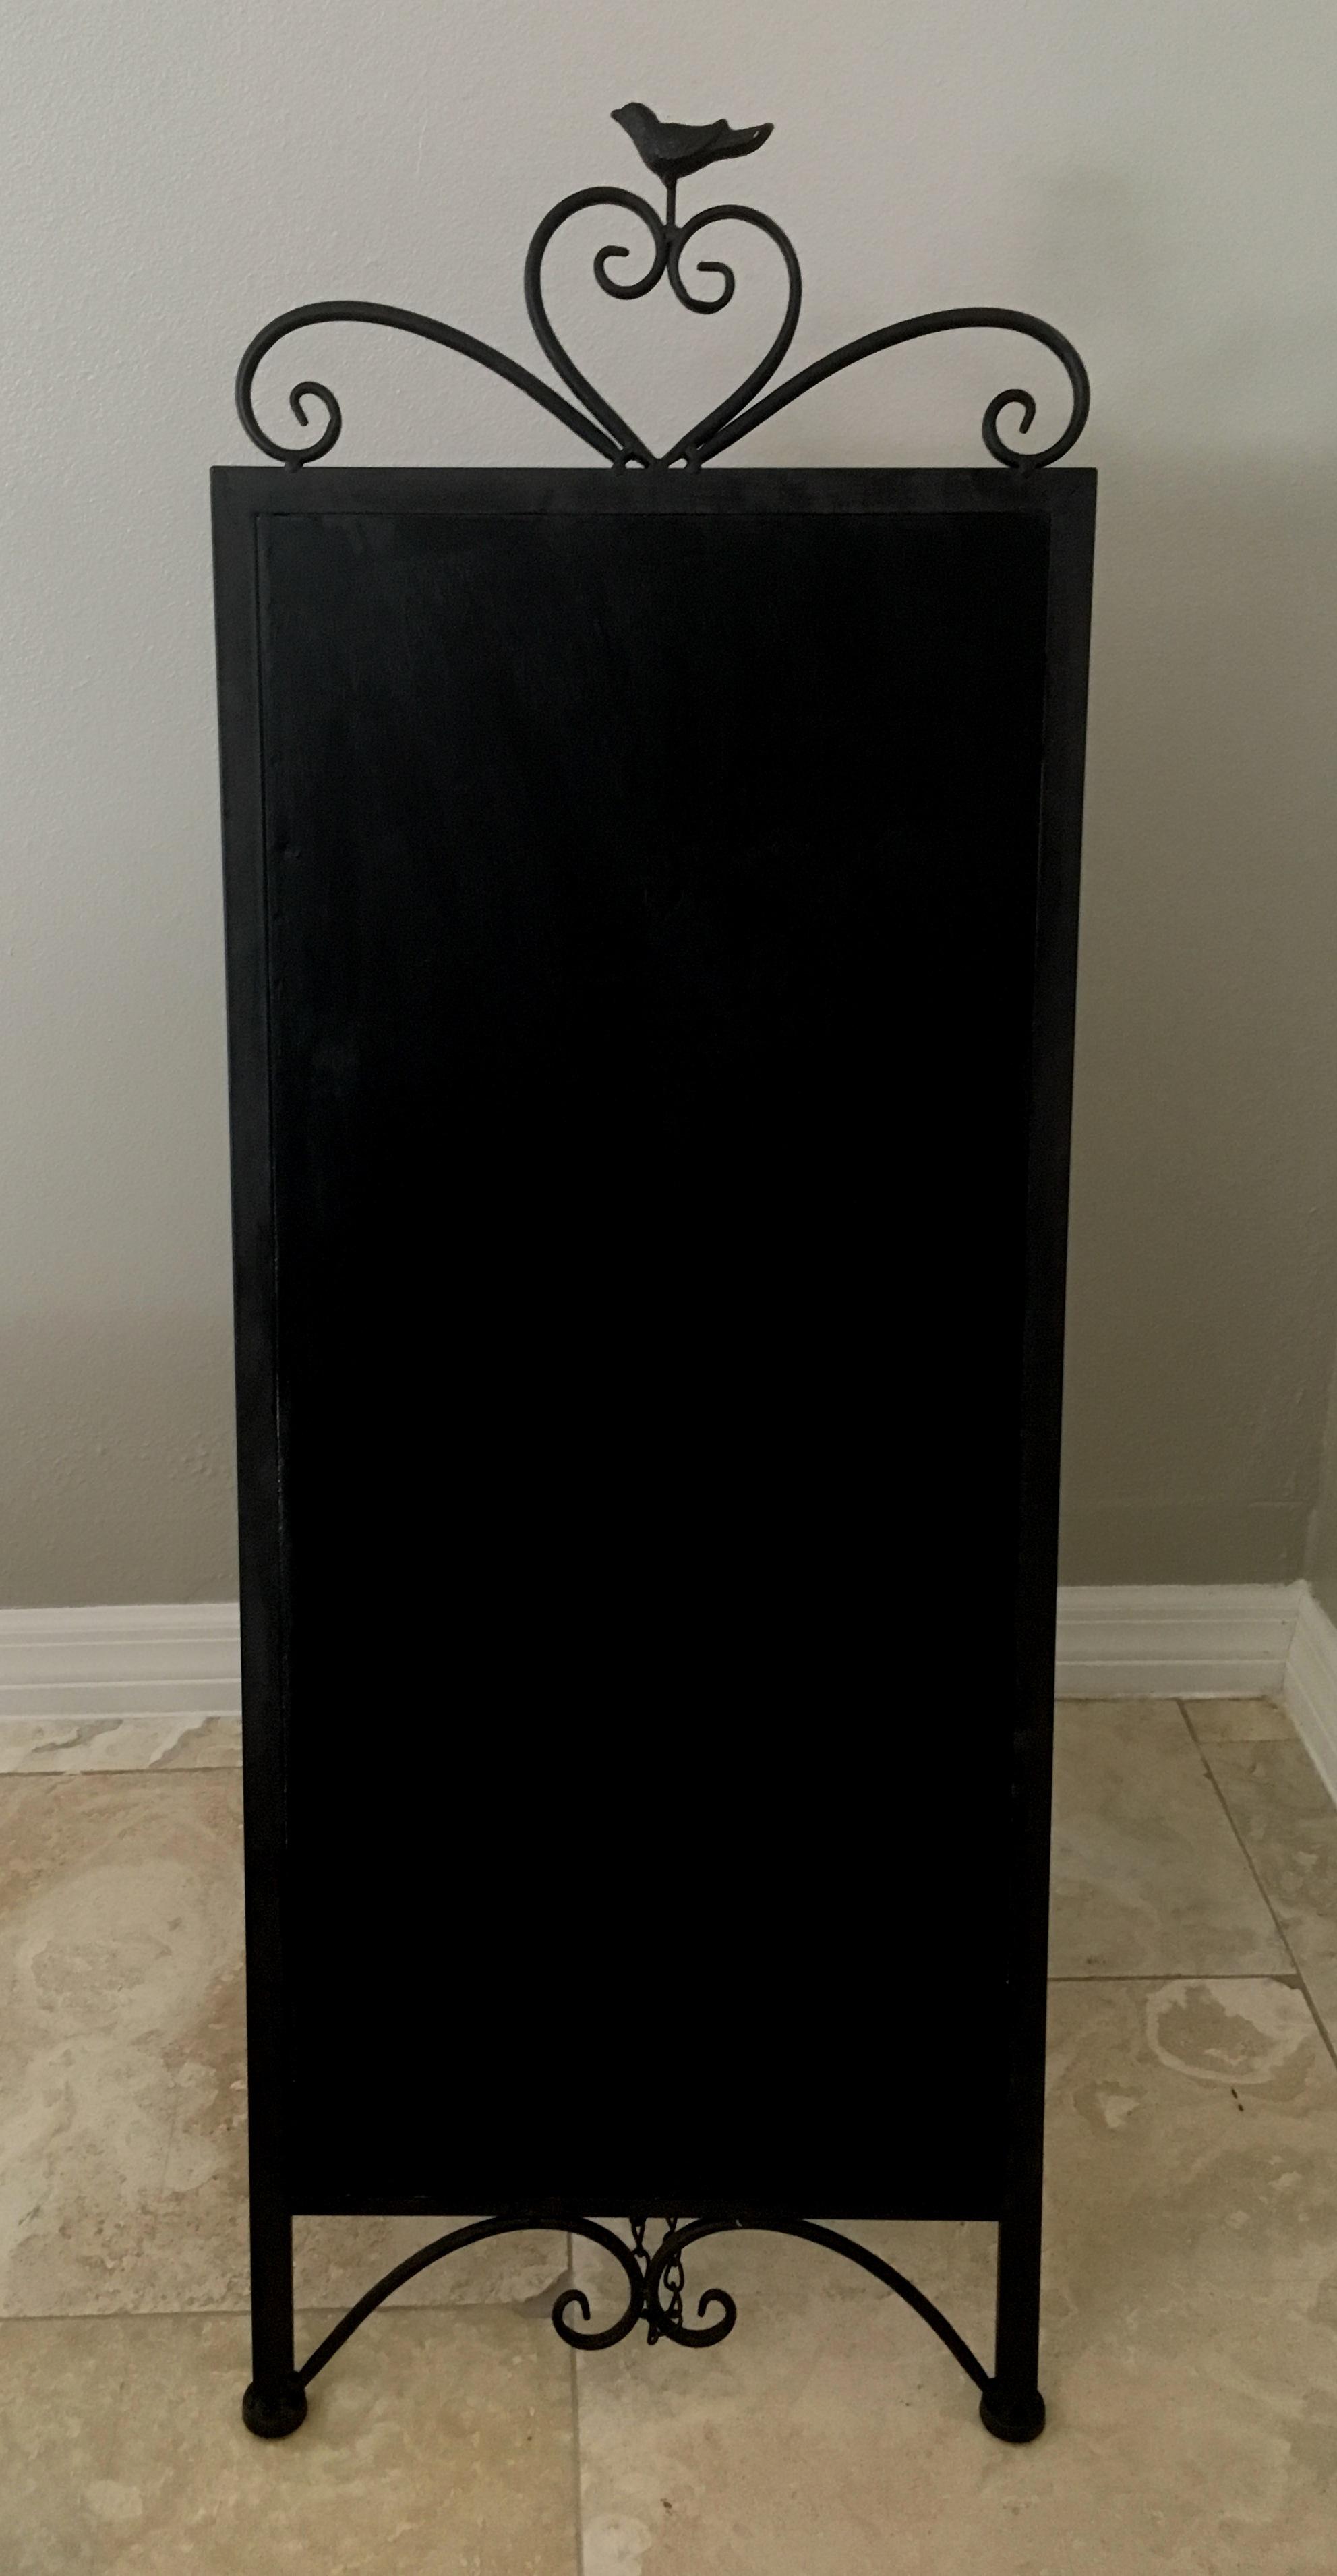 Blank Chalkboard Sign - $15